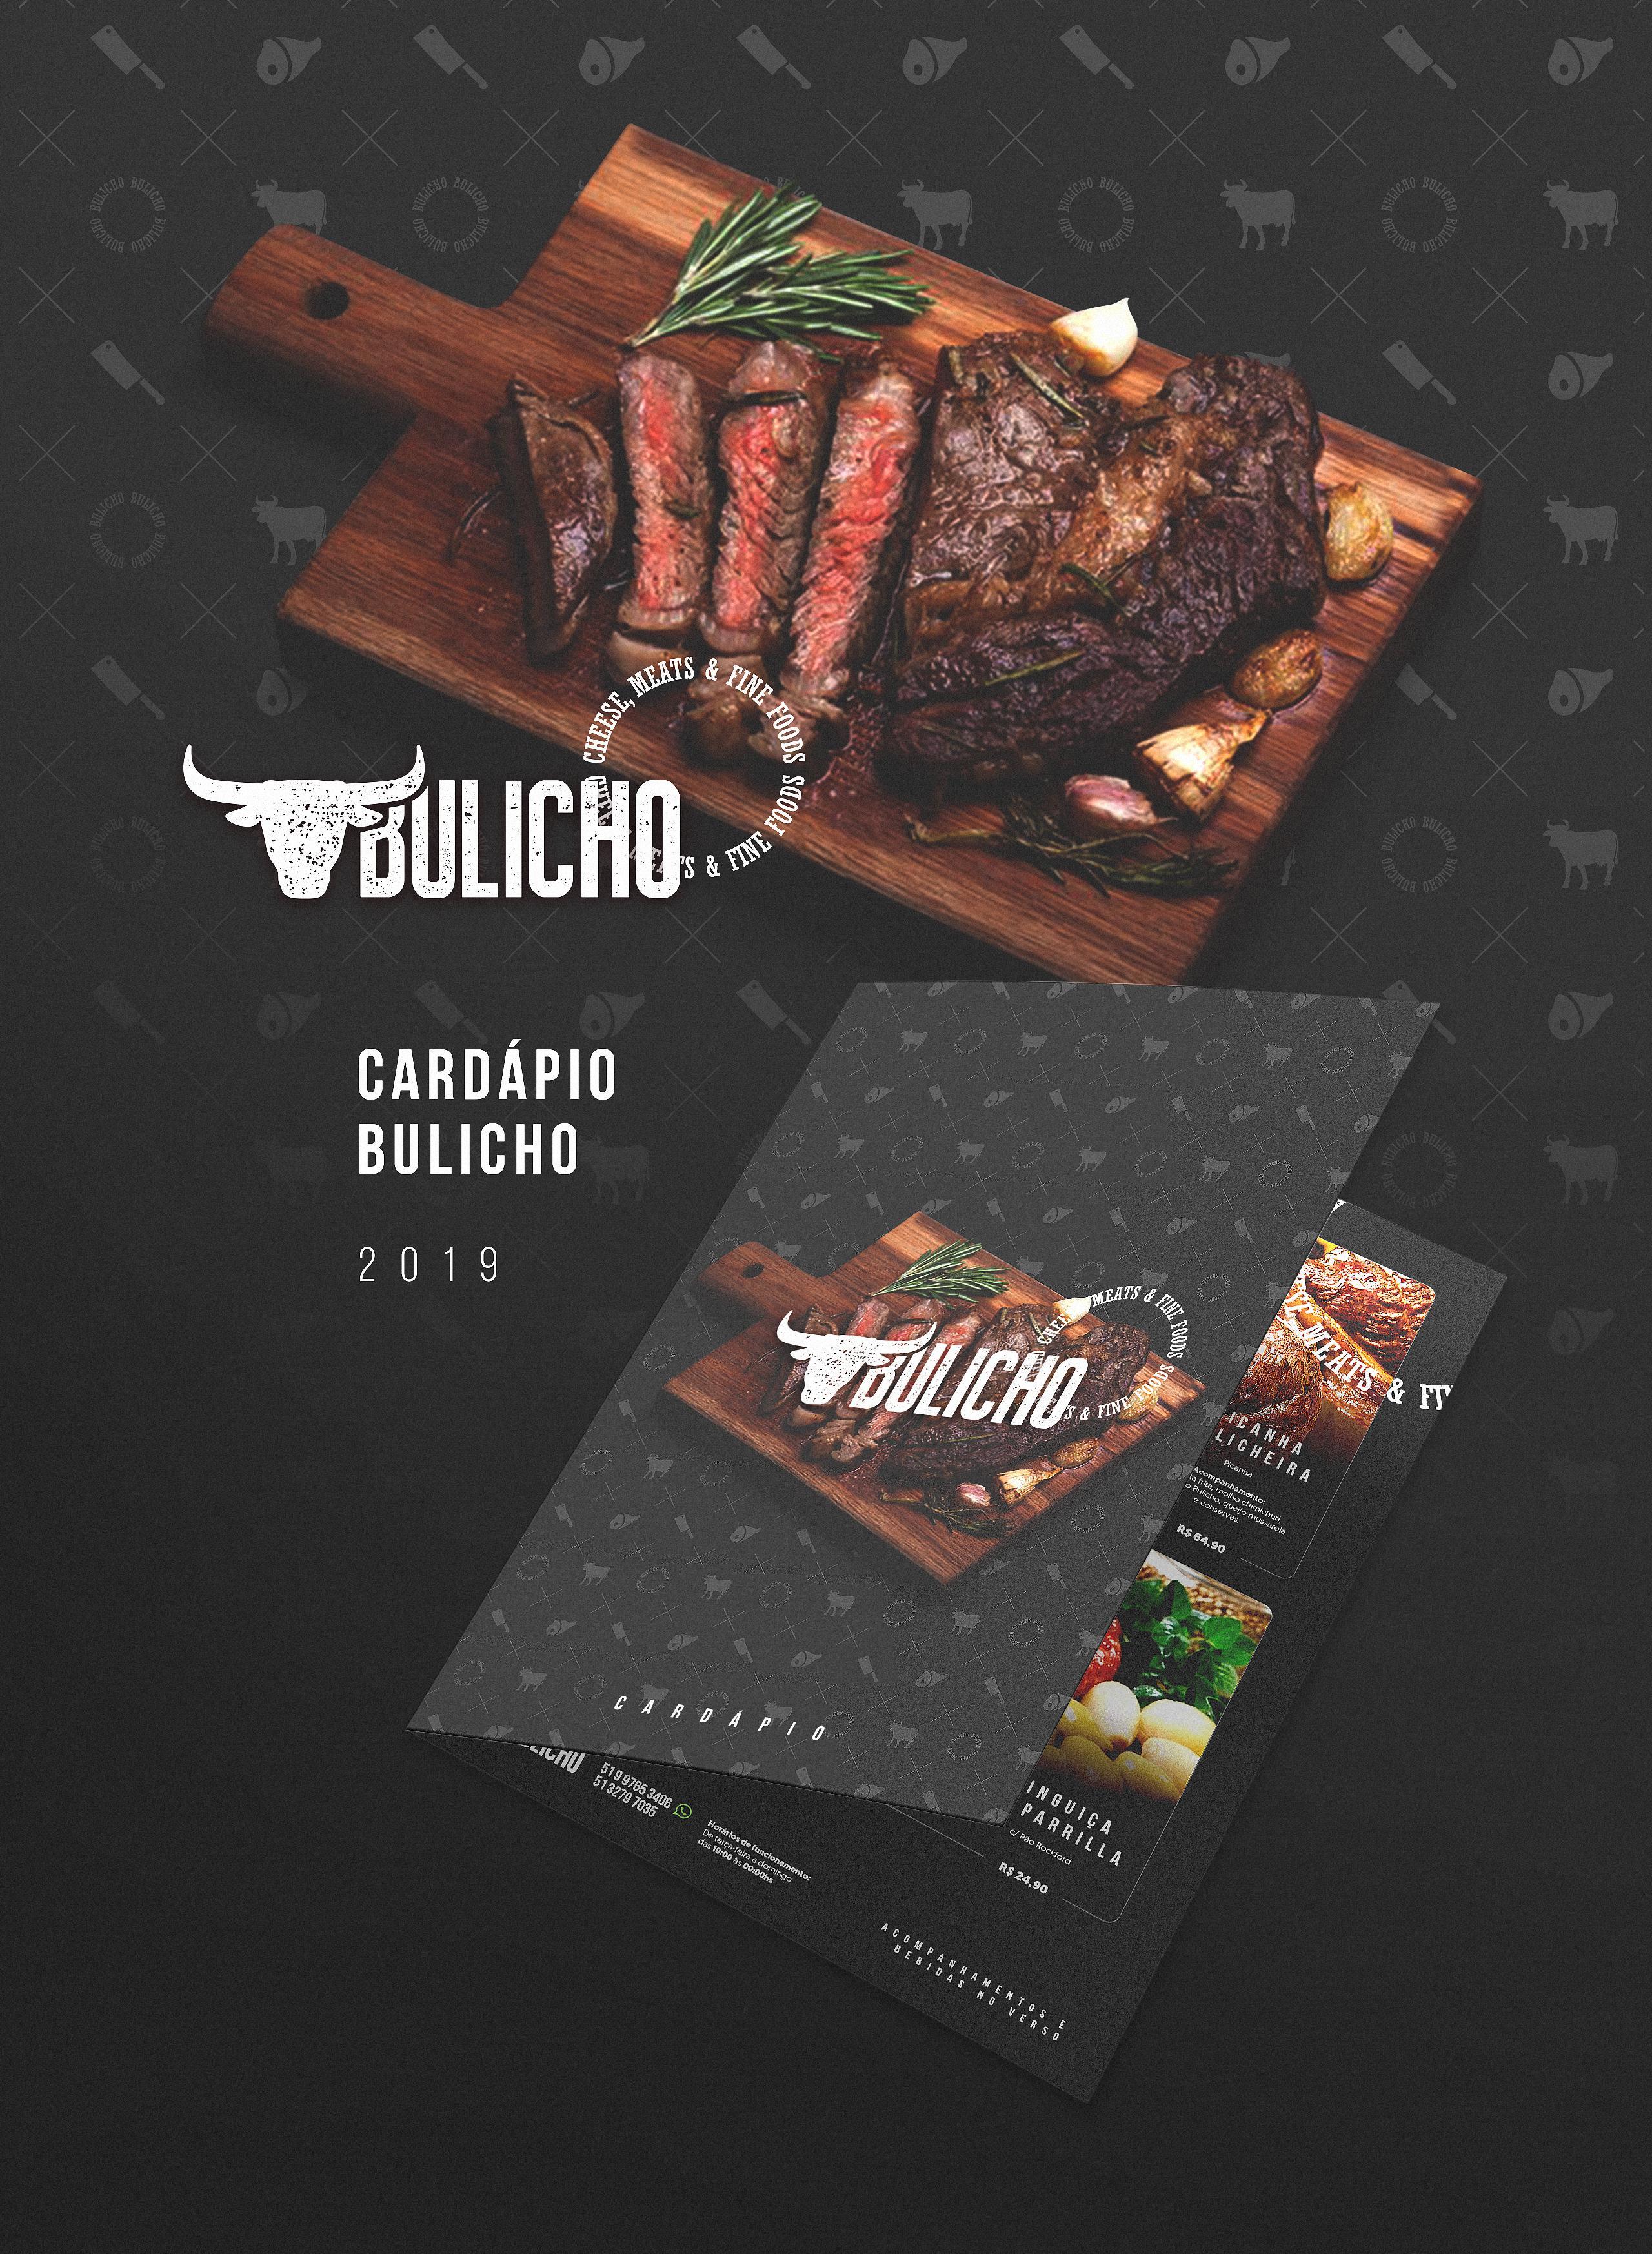 Cardápio Bulicho